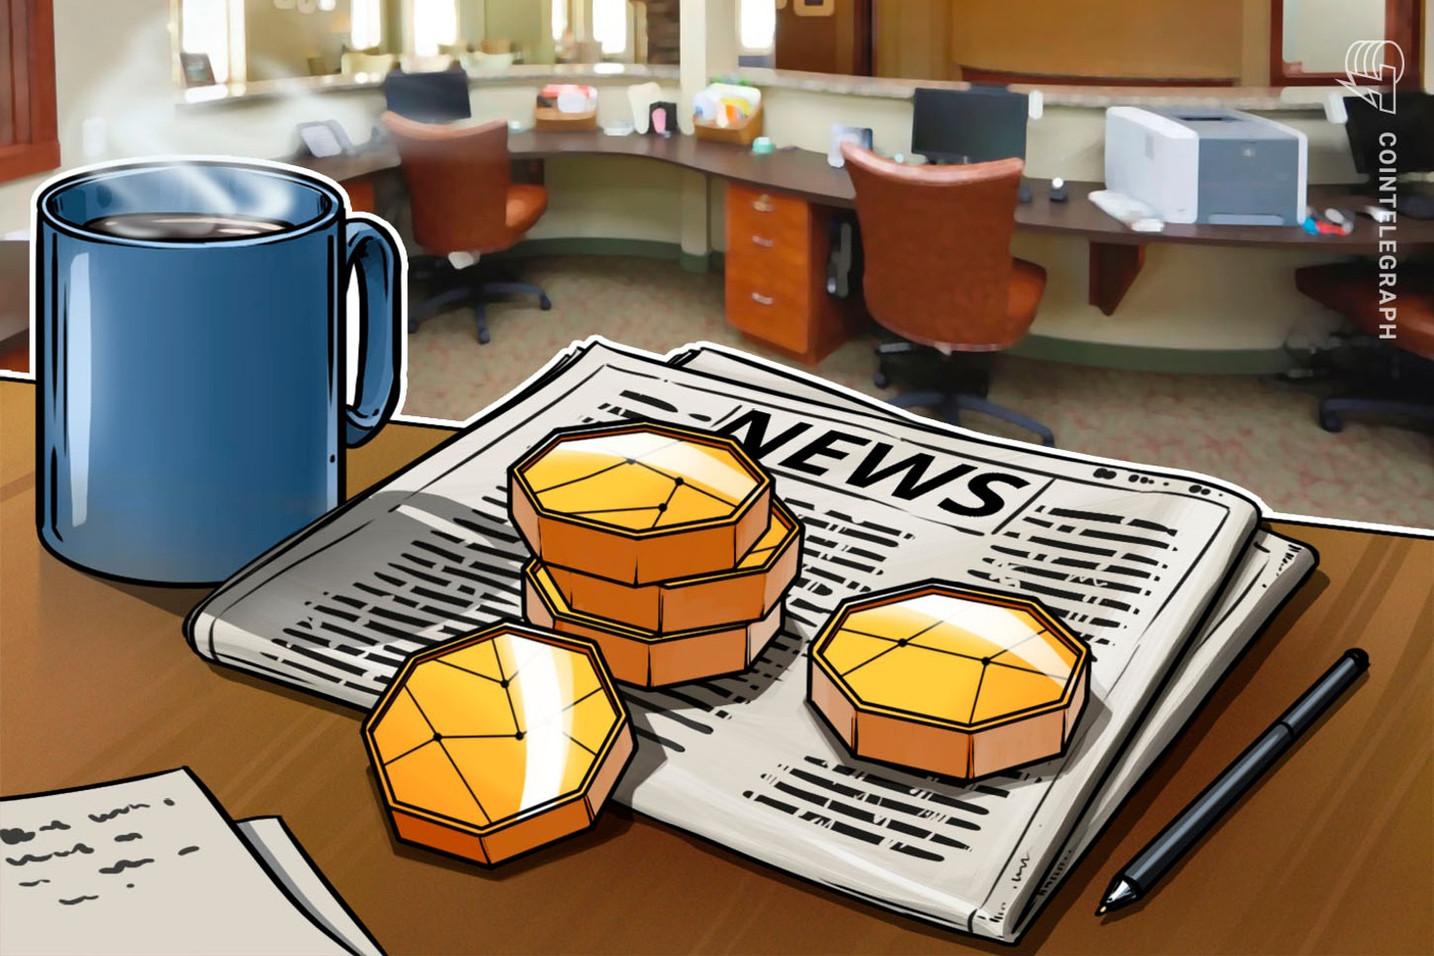 仮想通貨で日本初の背任容疑|350万円分移転し、ビットコインに交換か=共同【ニュース】